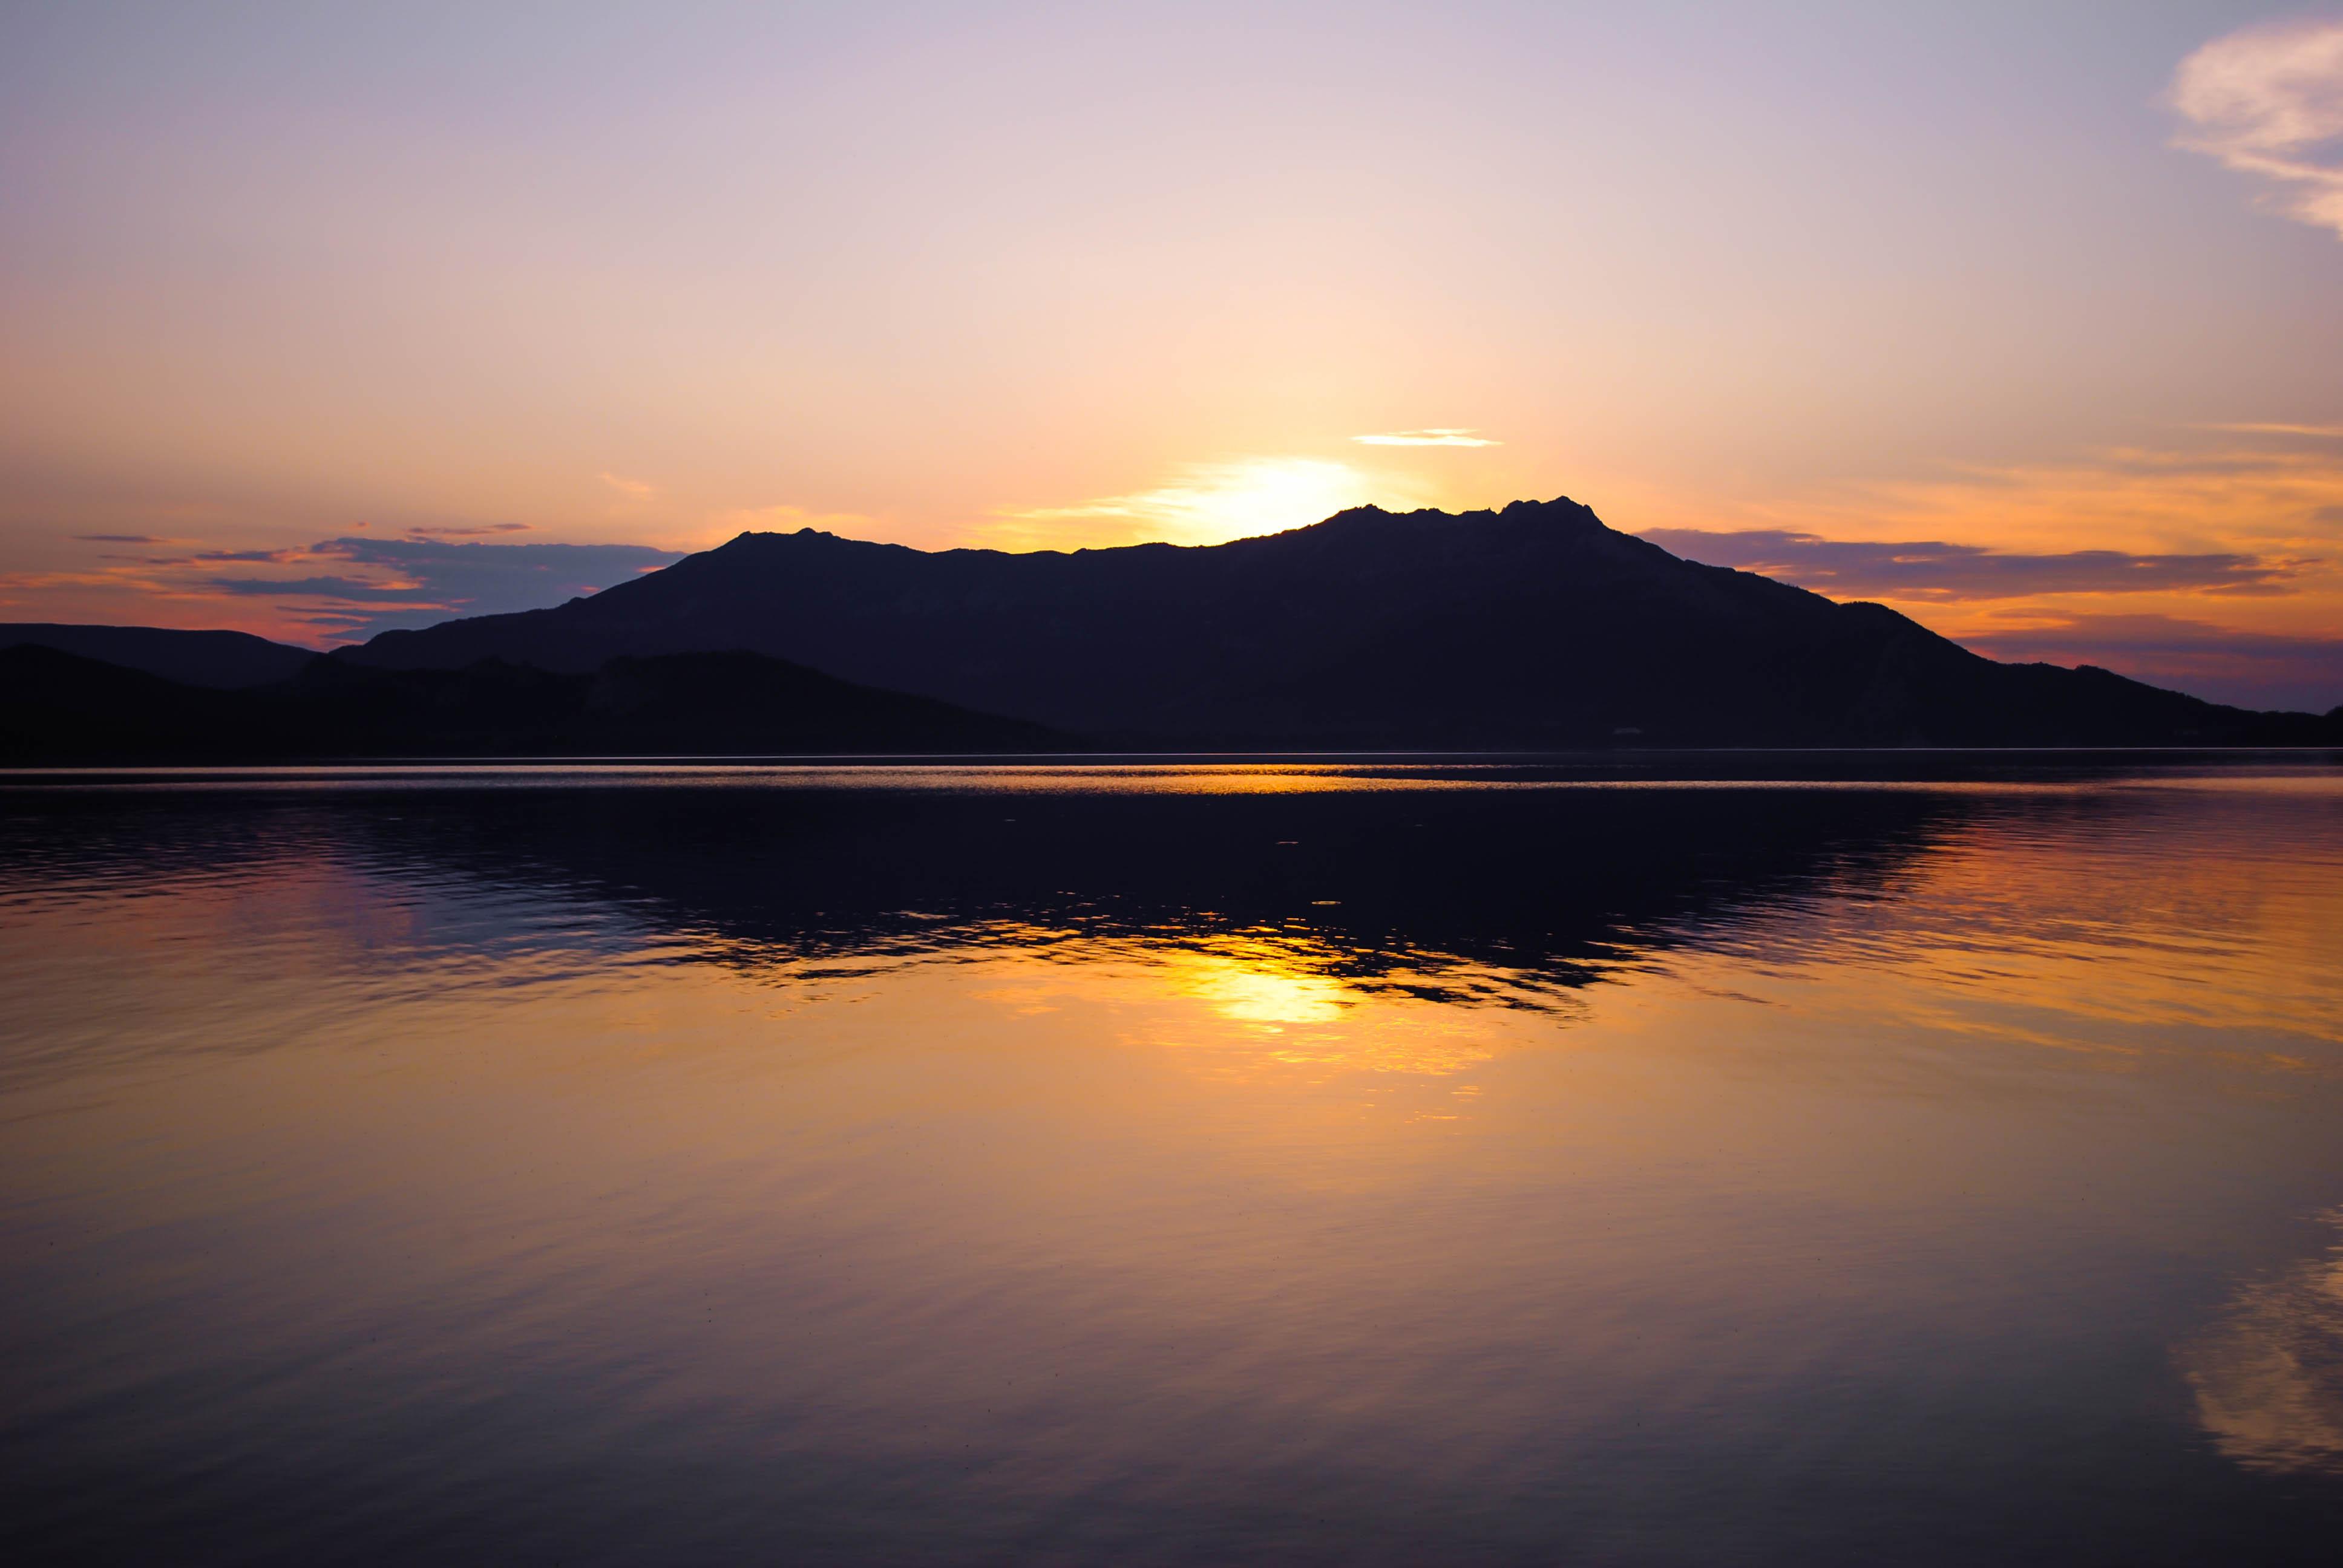 Казахстан, Боровое, Бурабай, отпуск, пляжный отдых, горы, Кокшетау, озера, на машине